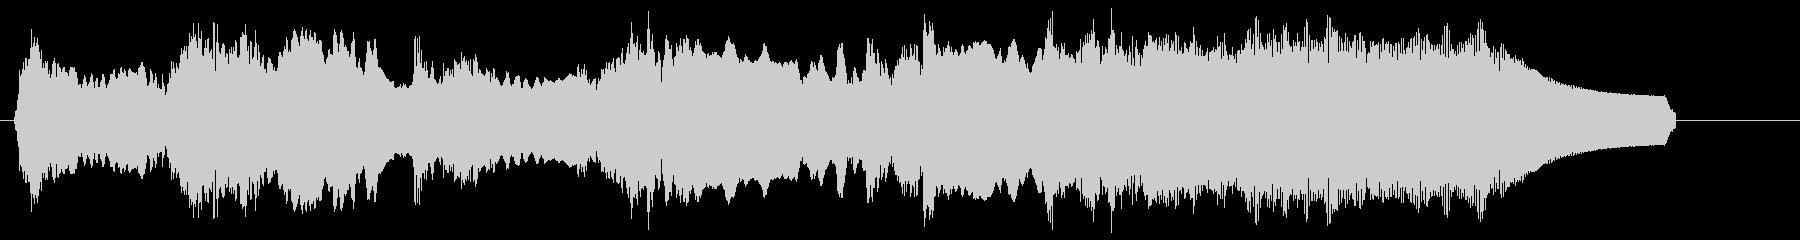 トッカータとフーガニ短調 エレキギターの未再生の波形